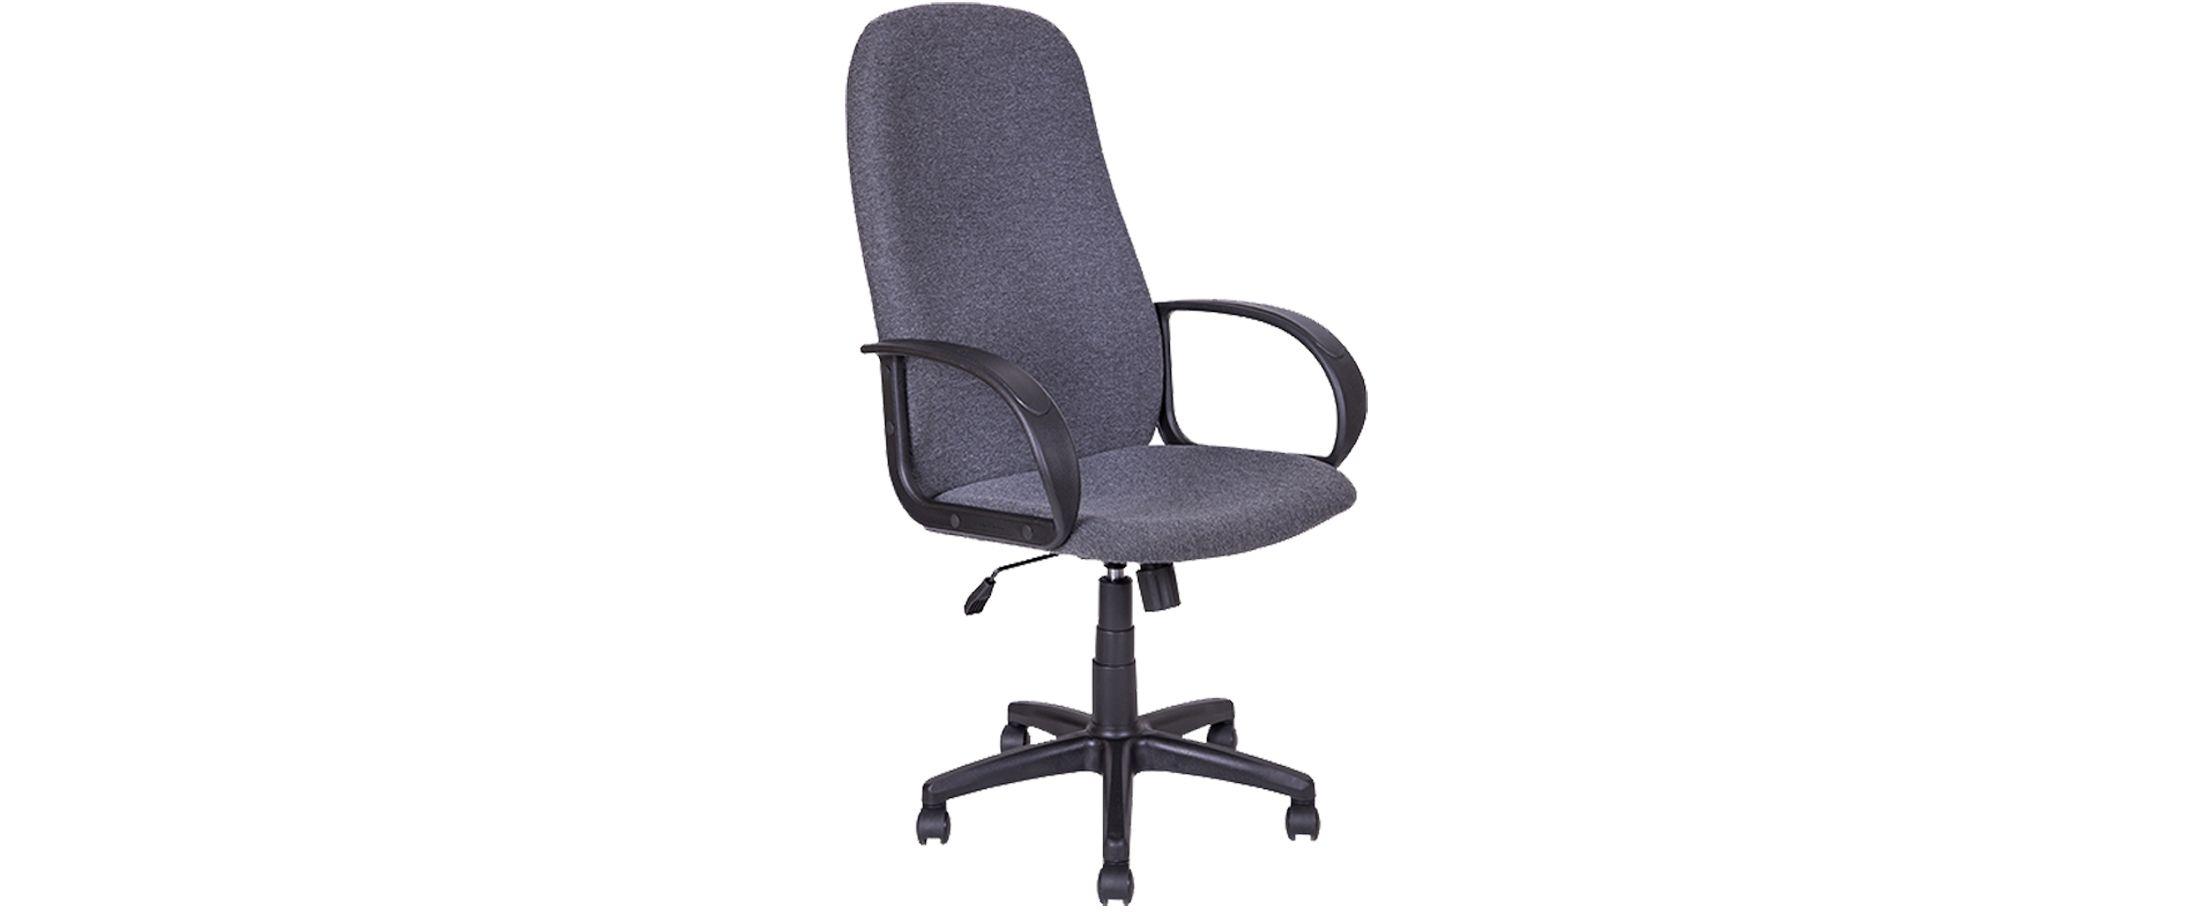 Кресло офисное AV 108 серое Модель 999 от MOON TRADE